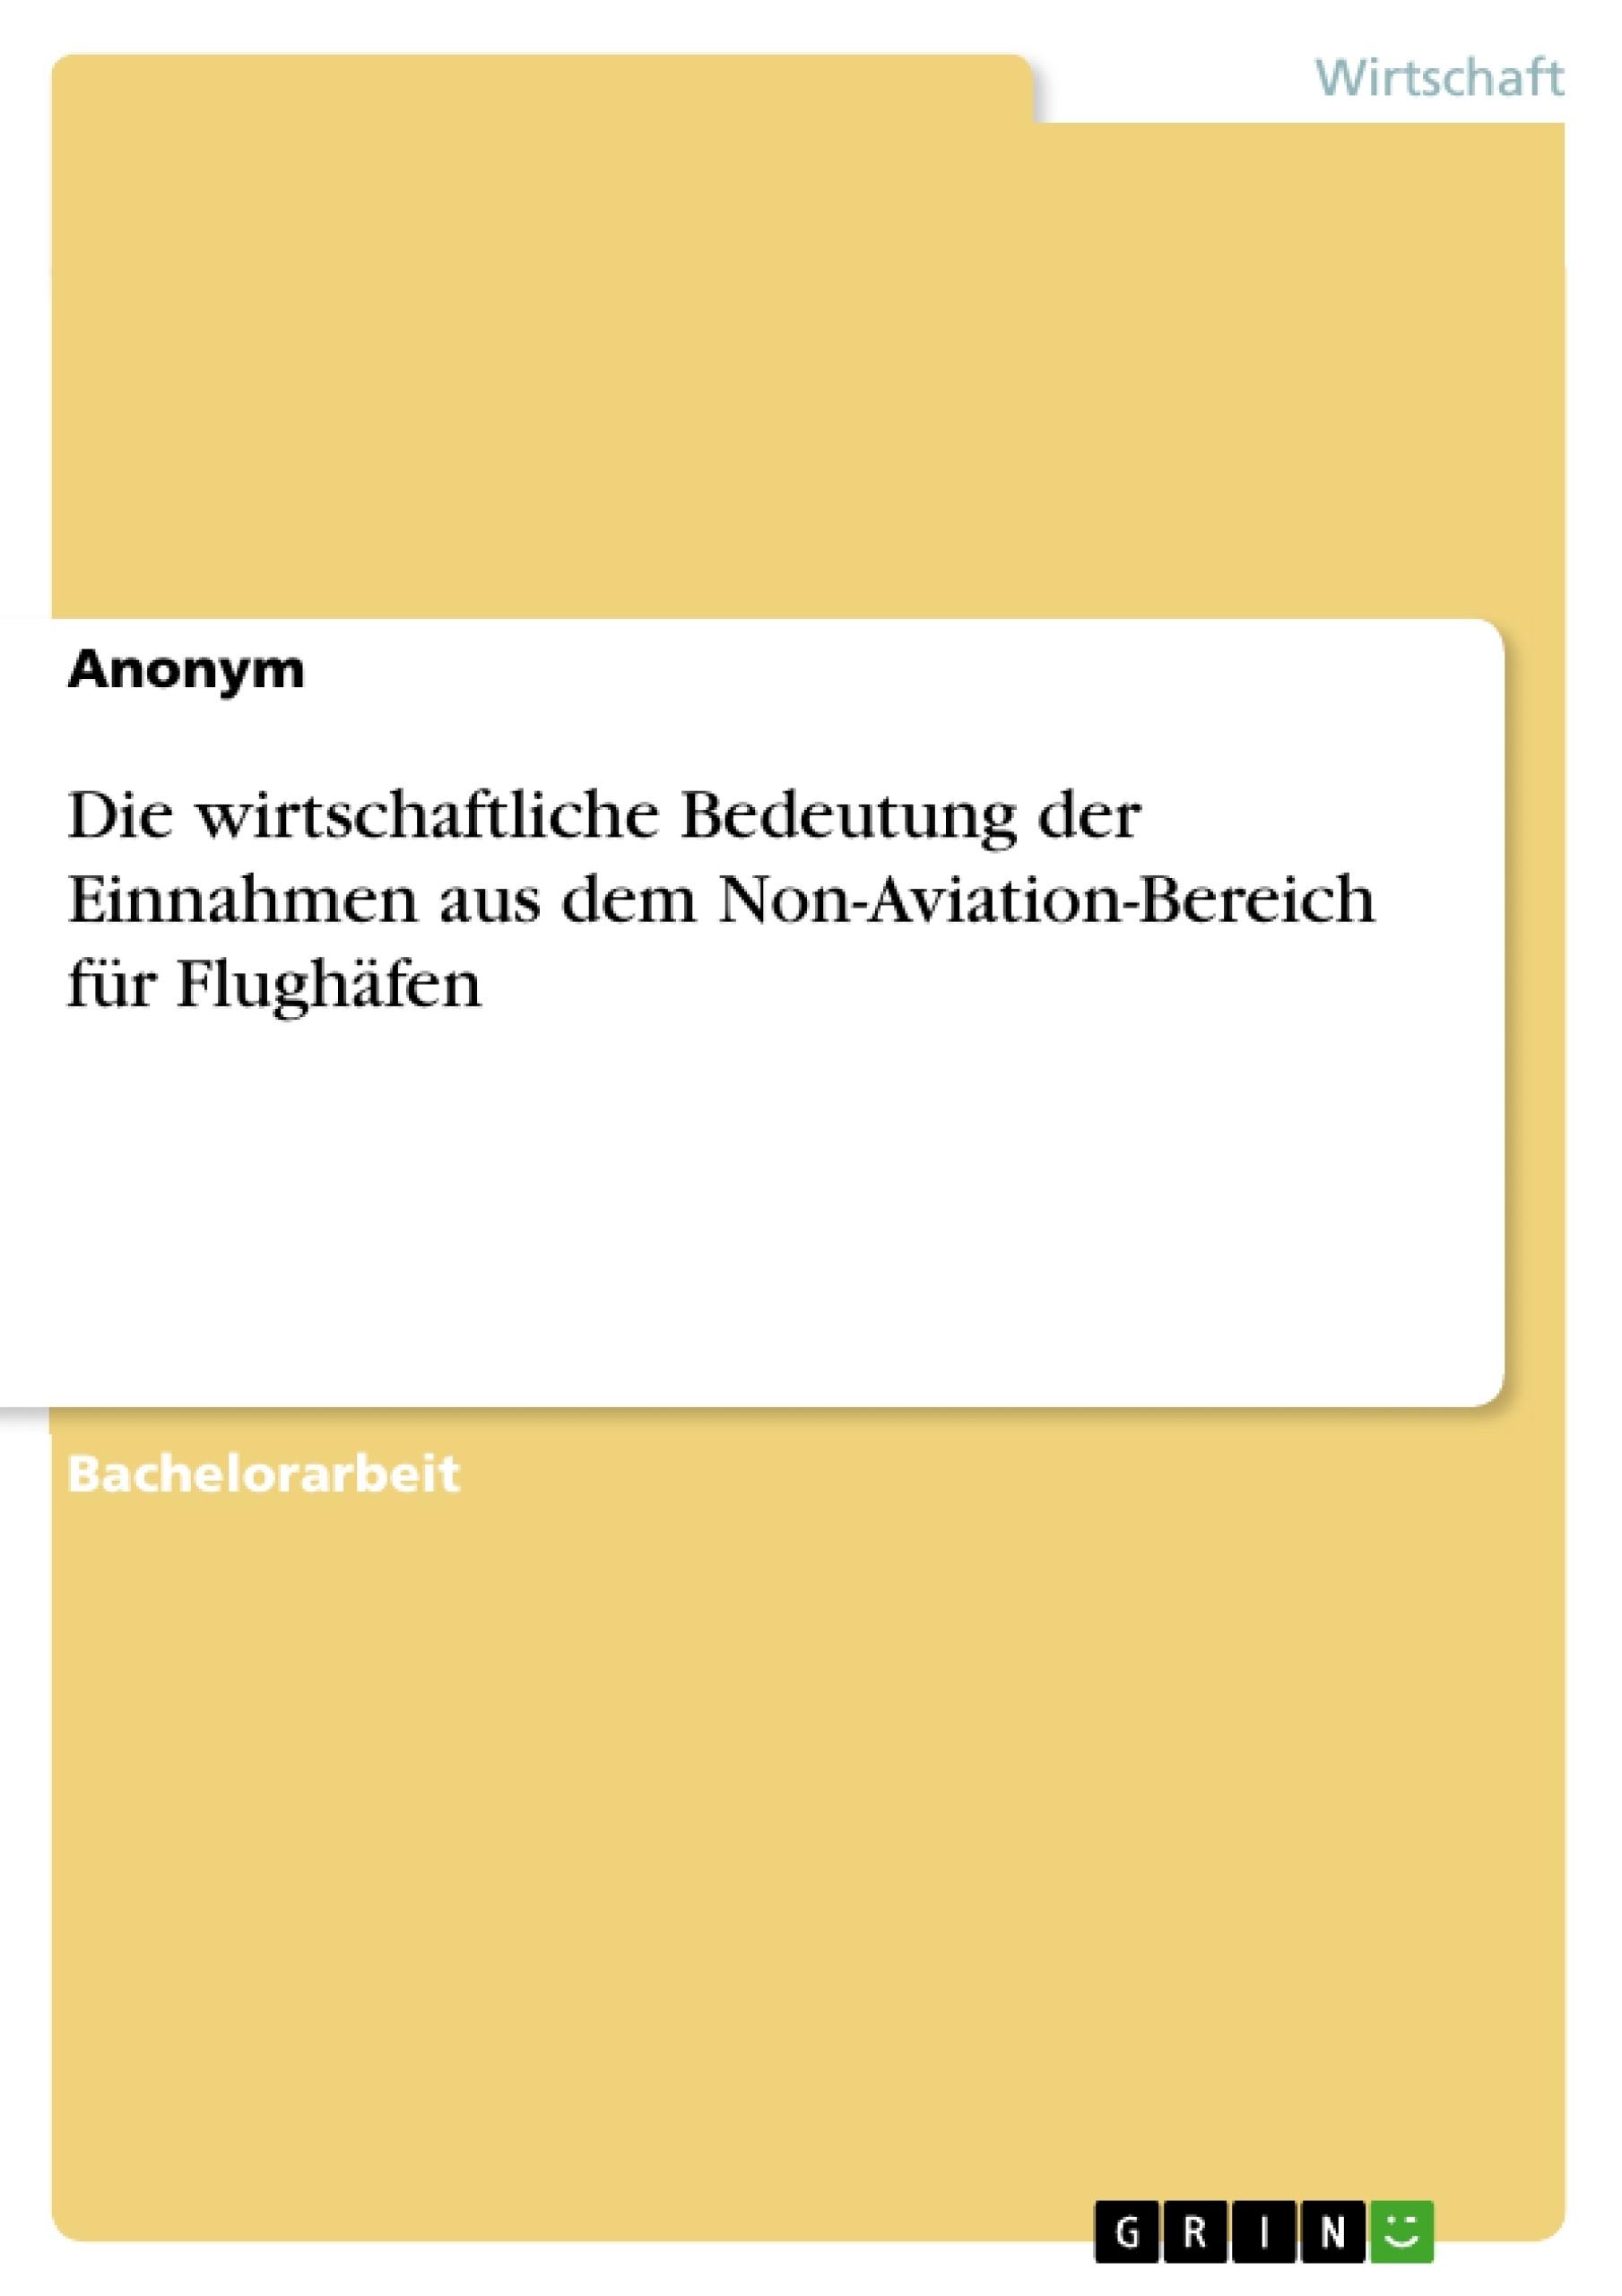 Titel: Die wirtschaftliche Bedeutung der Einnahmen aus dem Non-Aviation-Bereich für Flughäfen